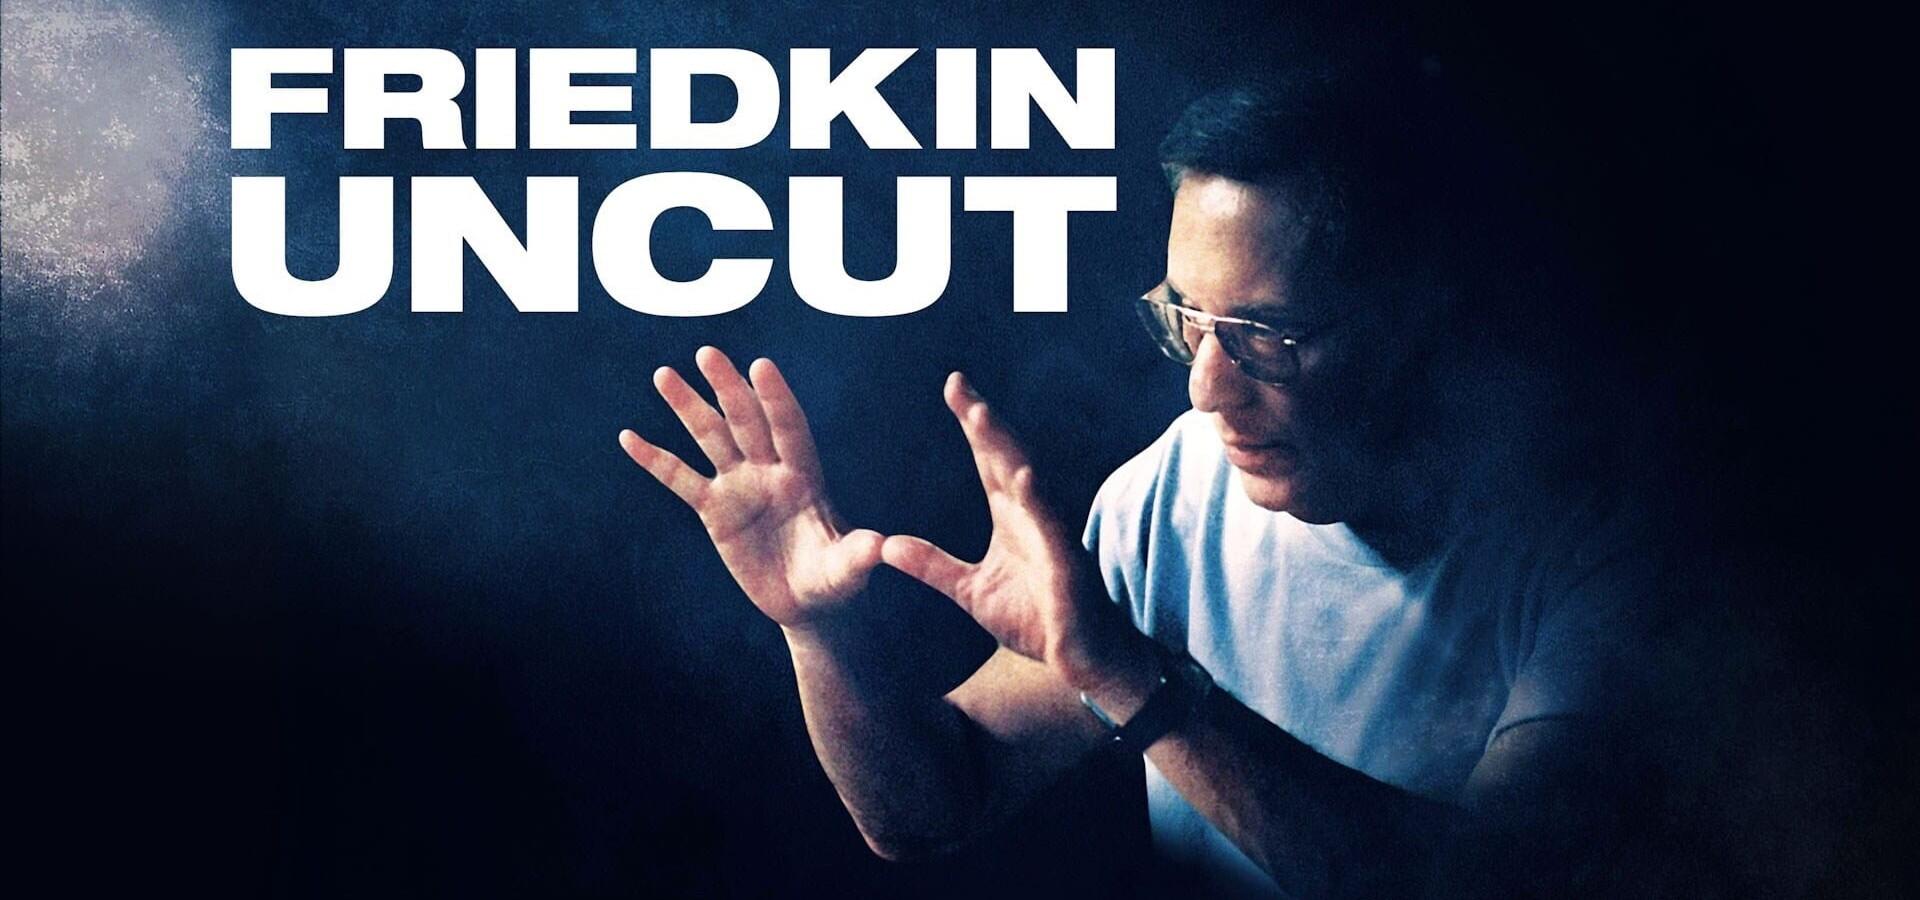 Friedkin Uncut - Un diavolo di regista - streaming